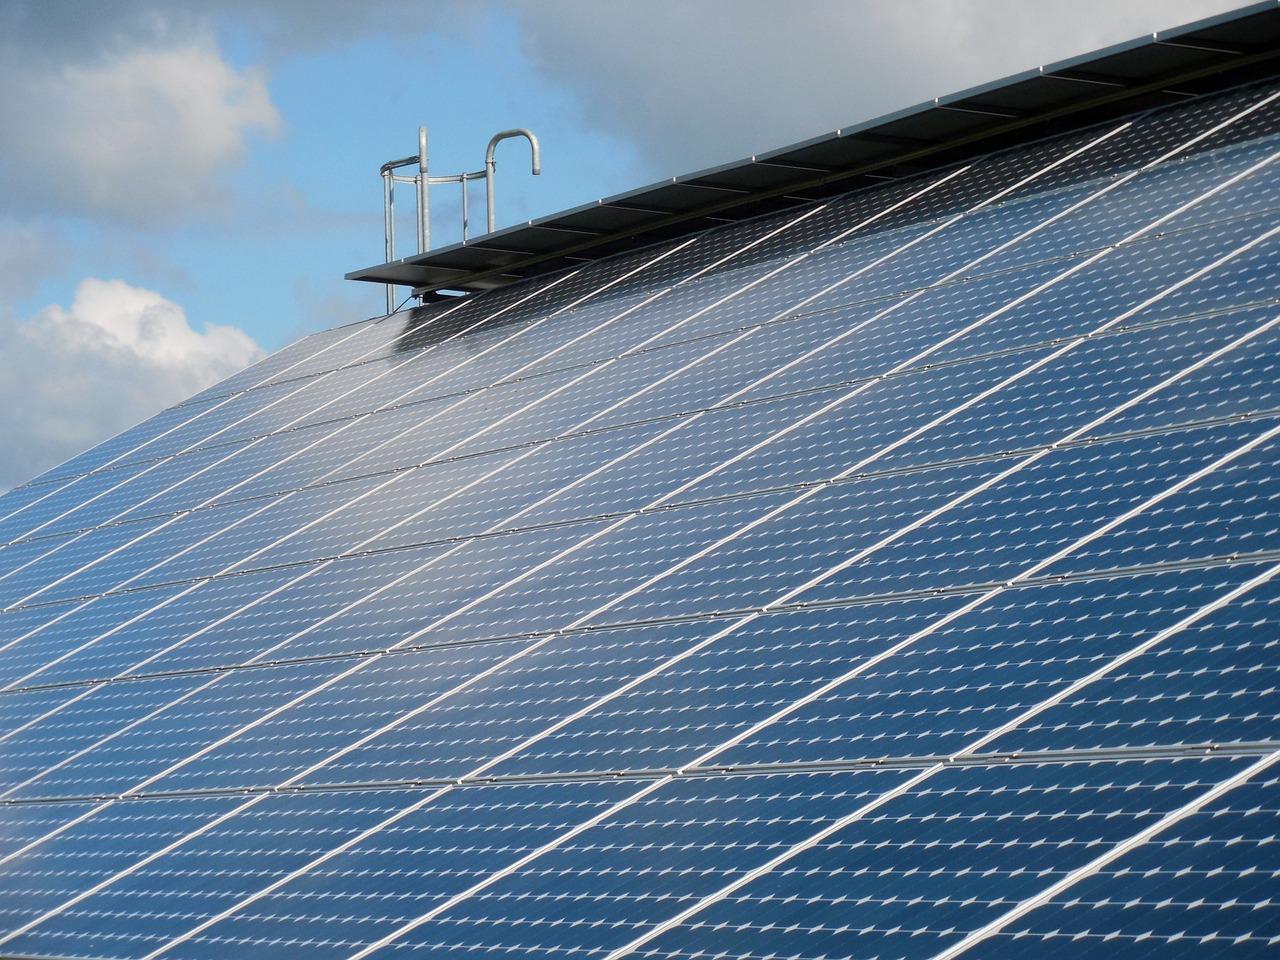 solar-cells-824691_1280.jpg